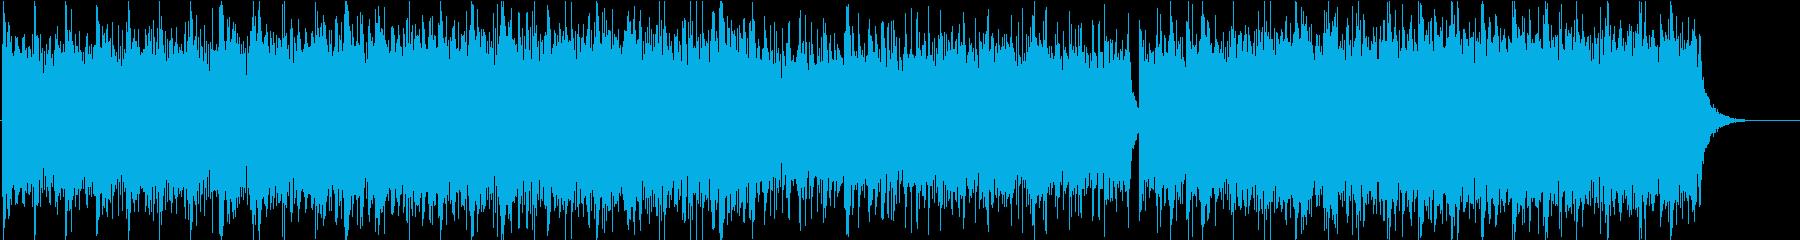 PV-自然-観光-森-山-動画-ドローンの再生済みの波形